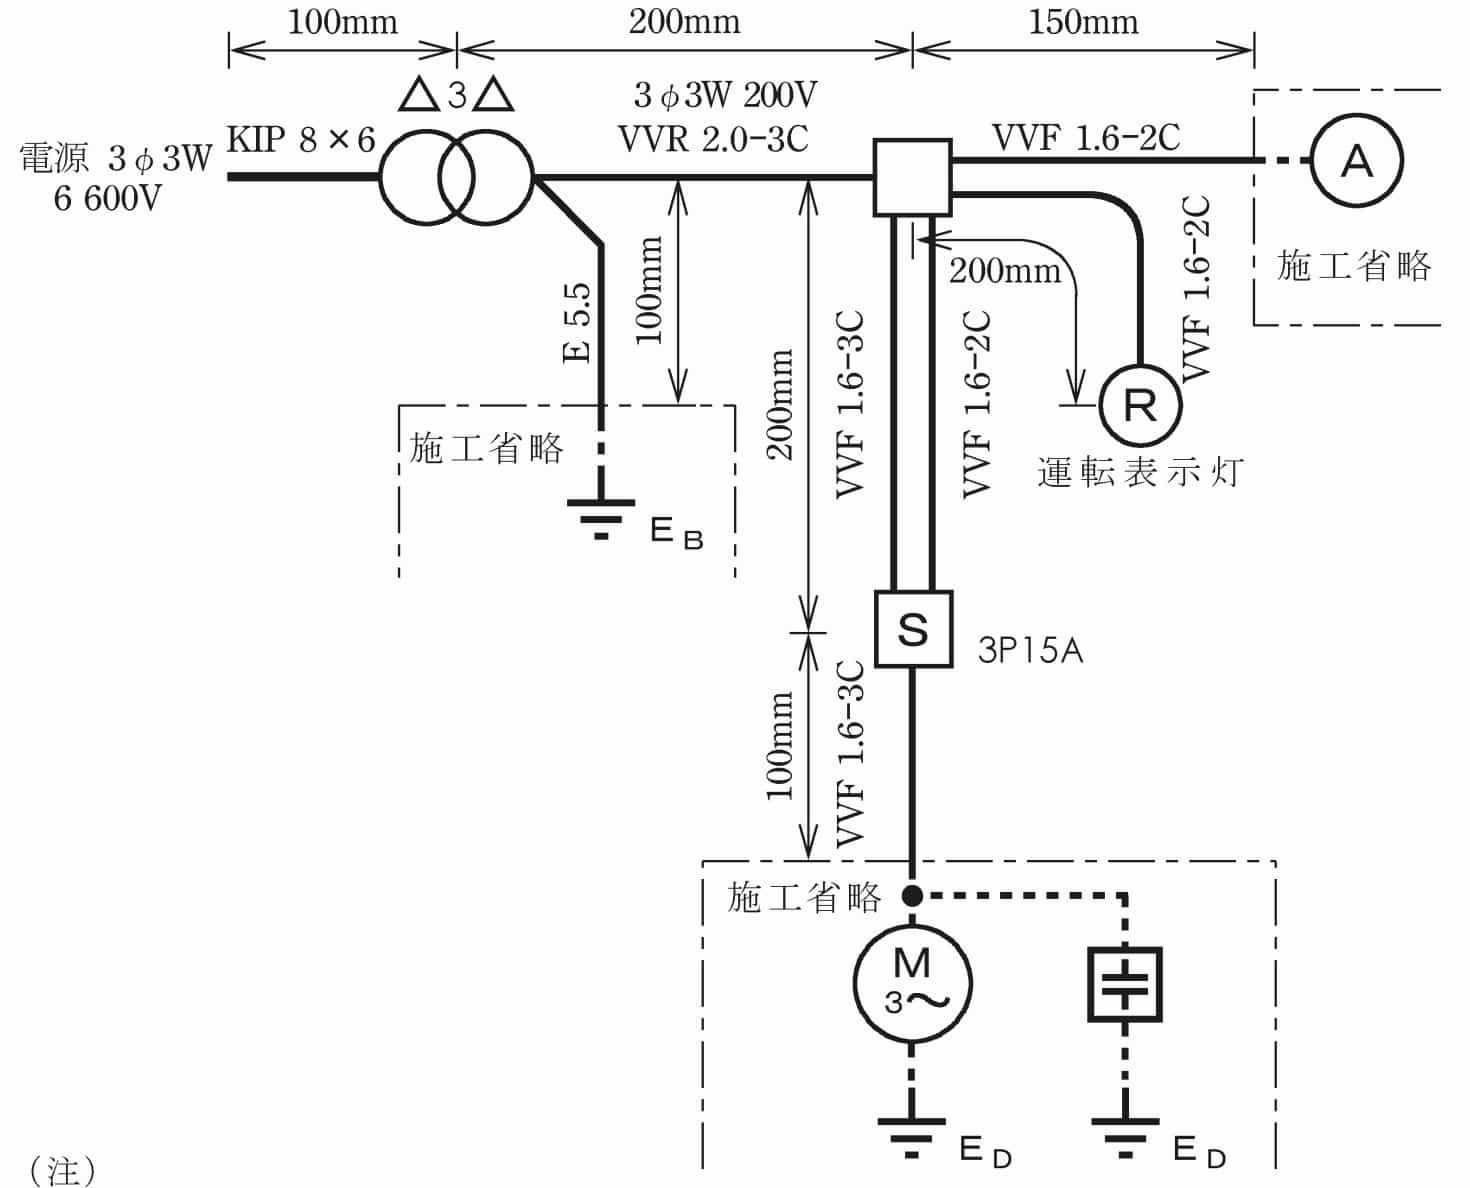 第一種電気工事士の技能試験の試験問題No.6の試験問題